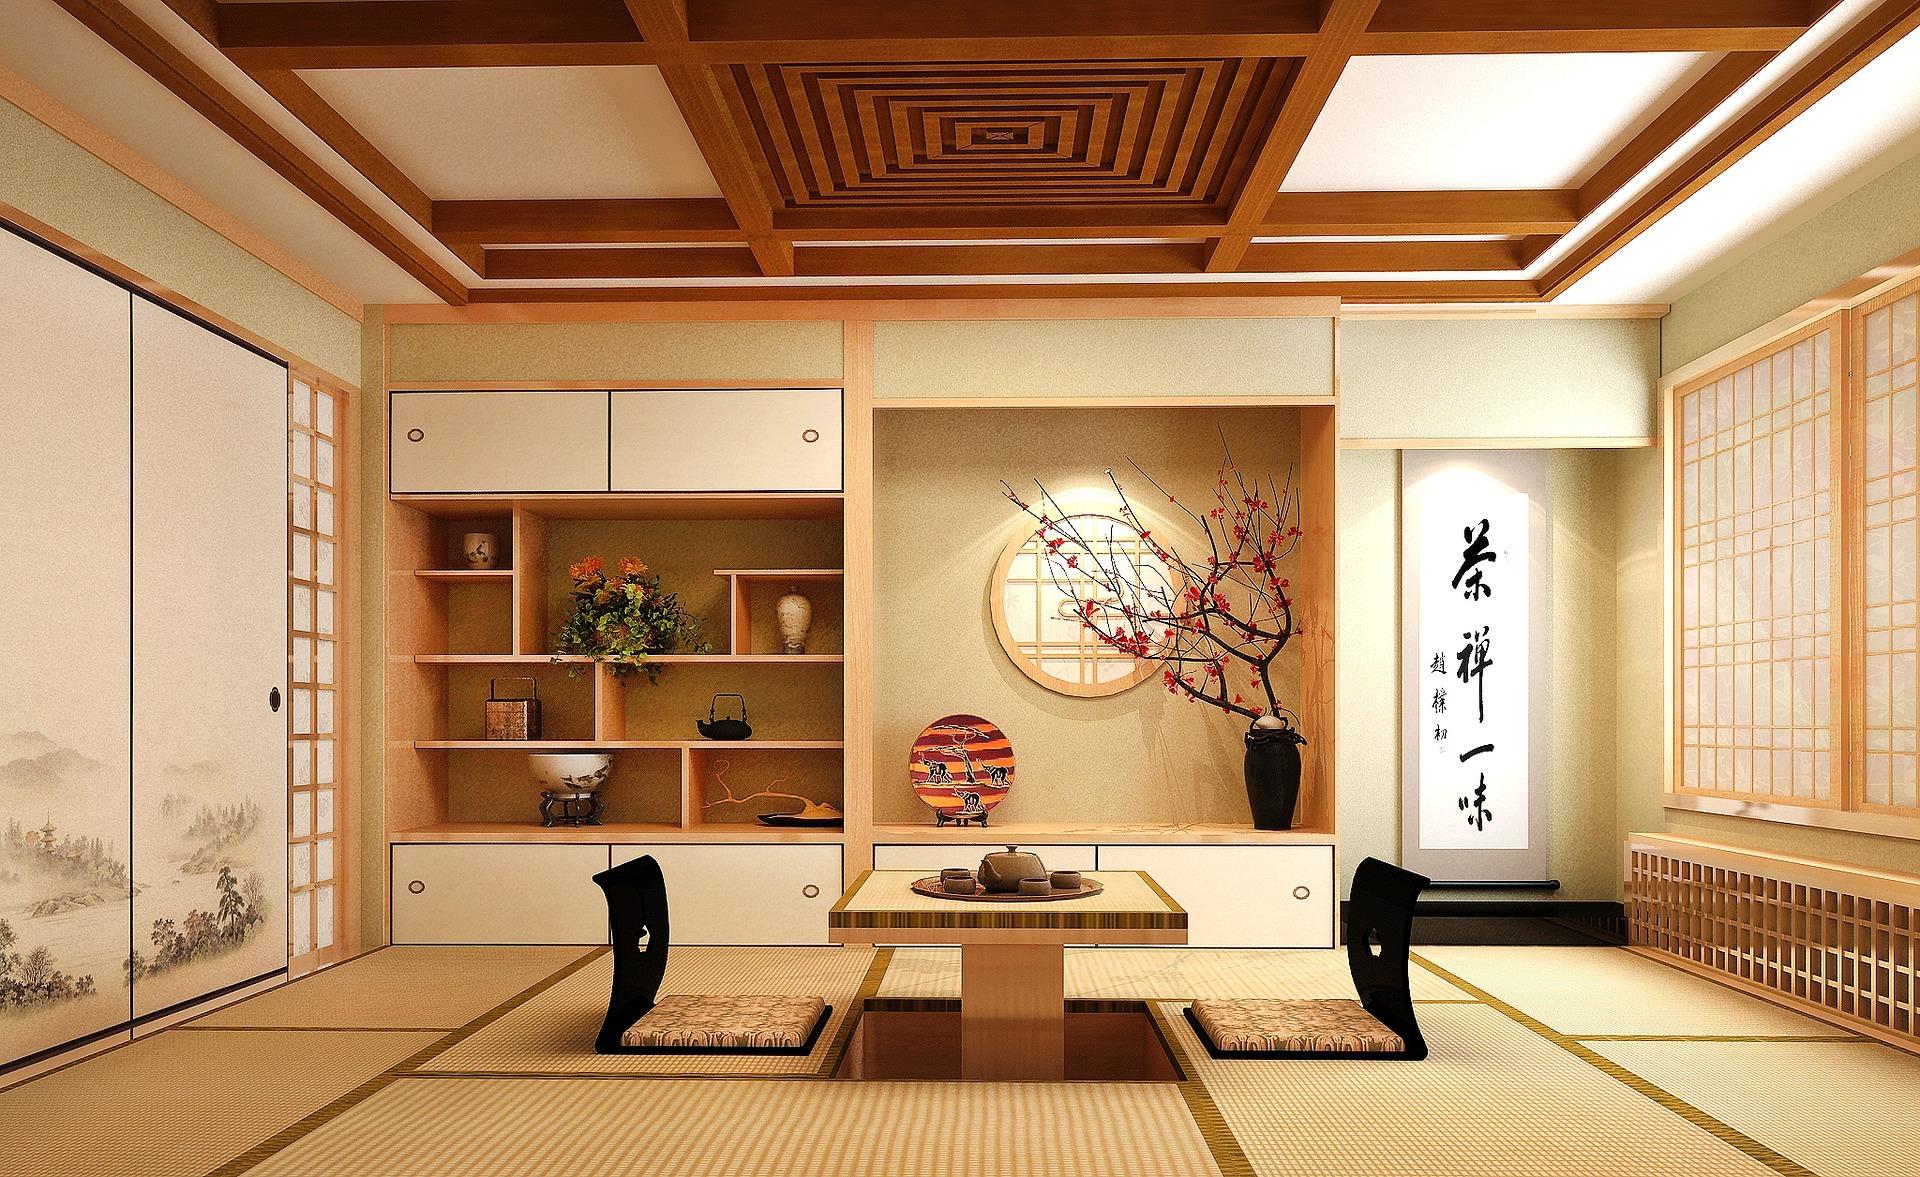 estancia-interior-japonesa-predominan-los-materiales-naturales-como-en-el-hogar-sostenible